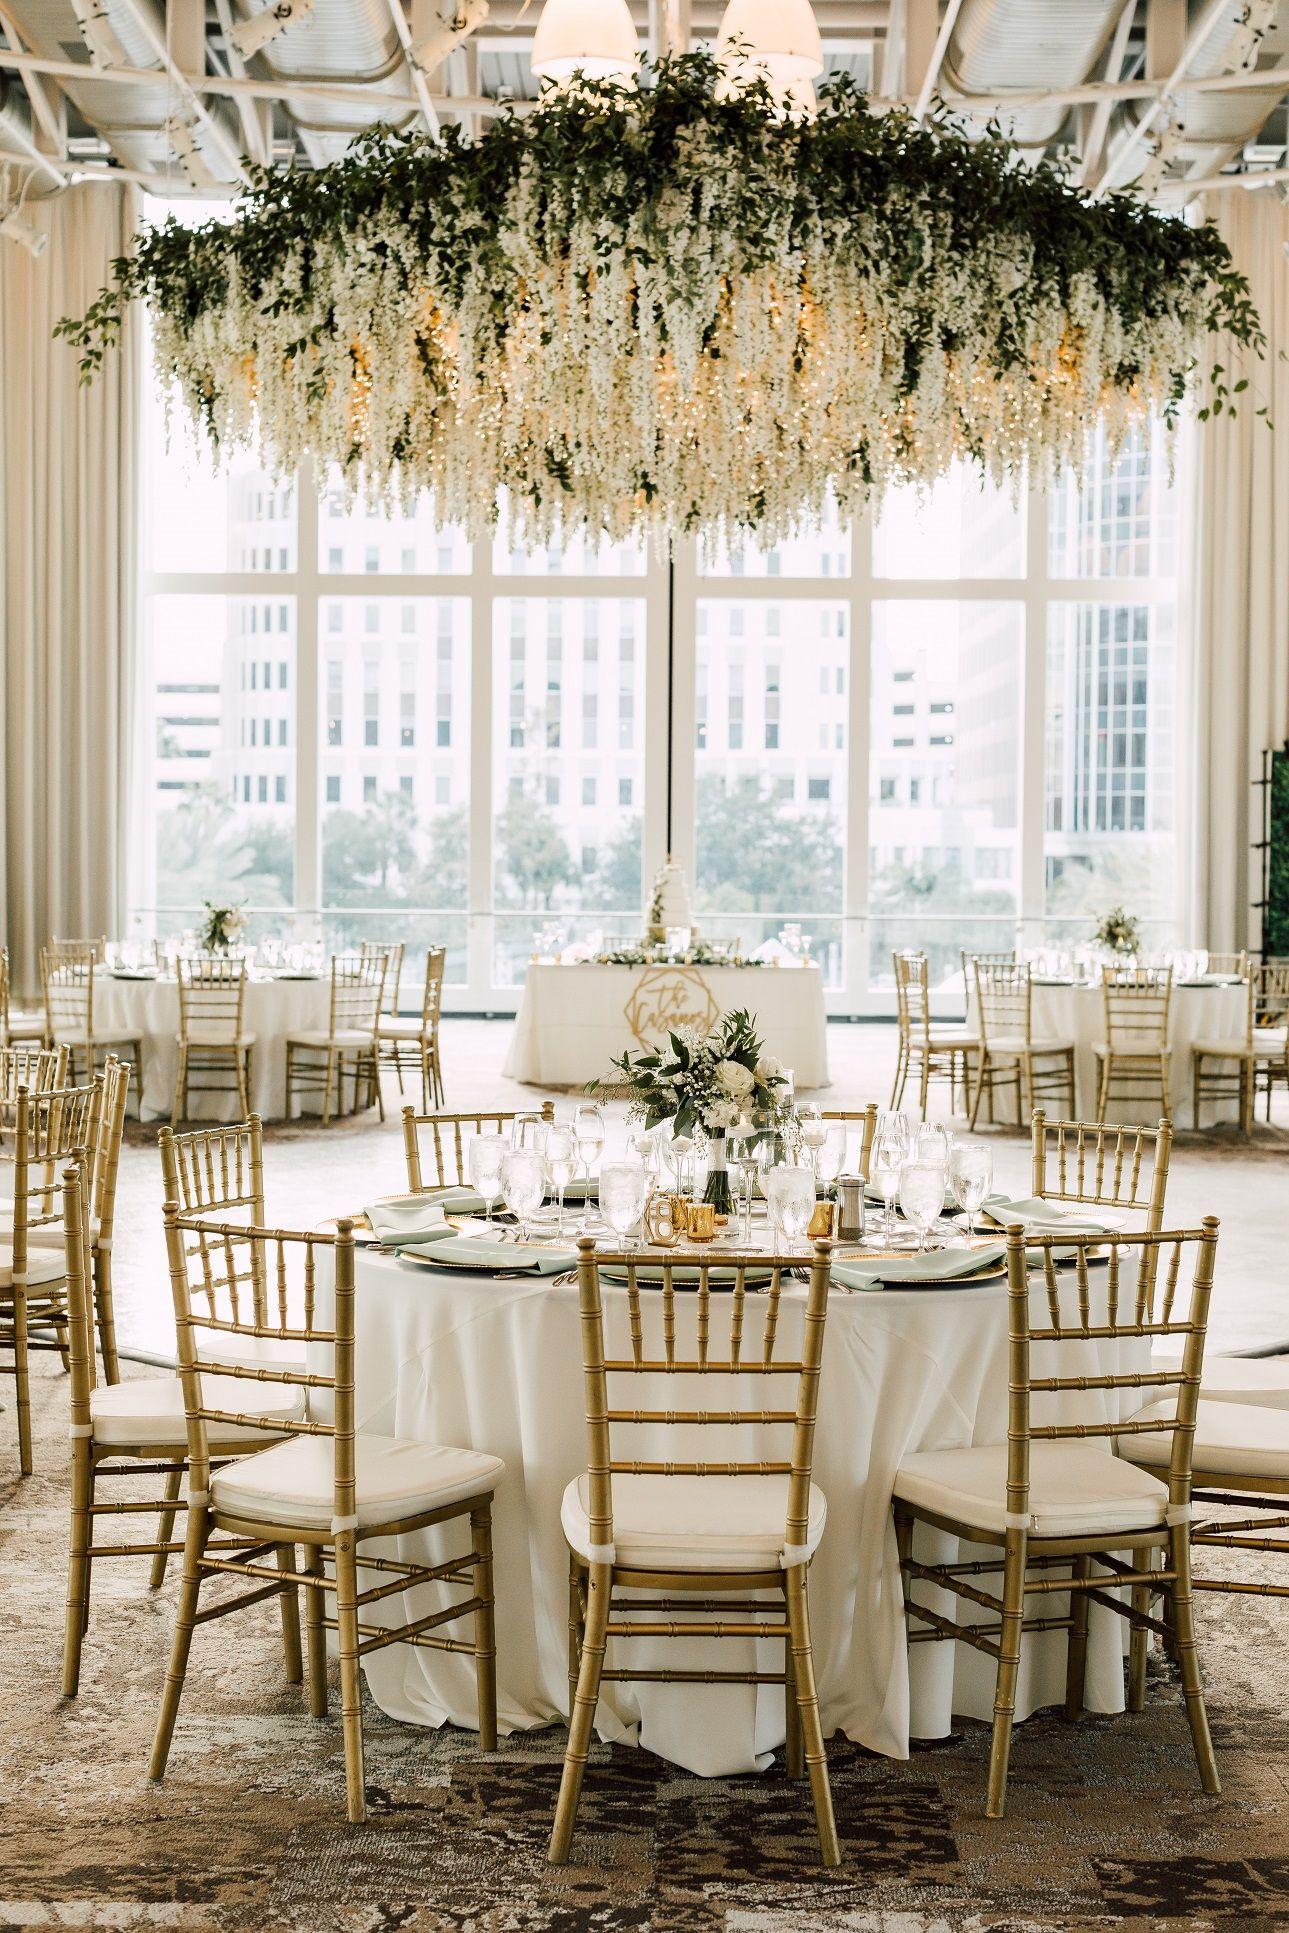 Downtown Orlando Wedding Venue Dr Phillips Center Plan It Events Orlando Wedding Planner In 2020 Orlando Wedding Venues Orlando Wedding Orlando Wedding Planner